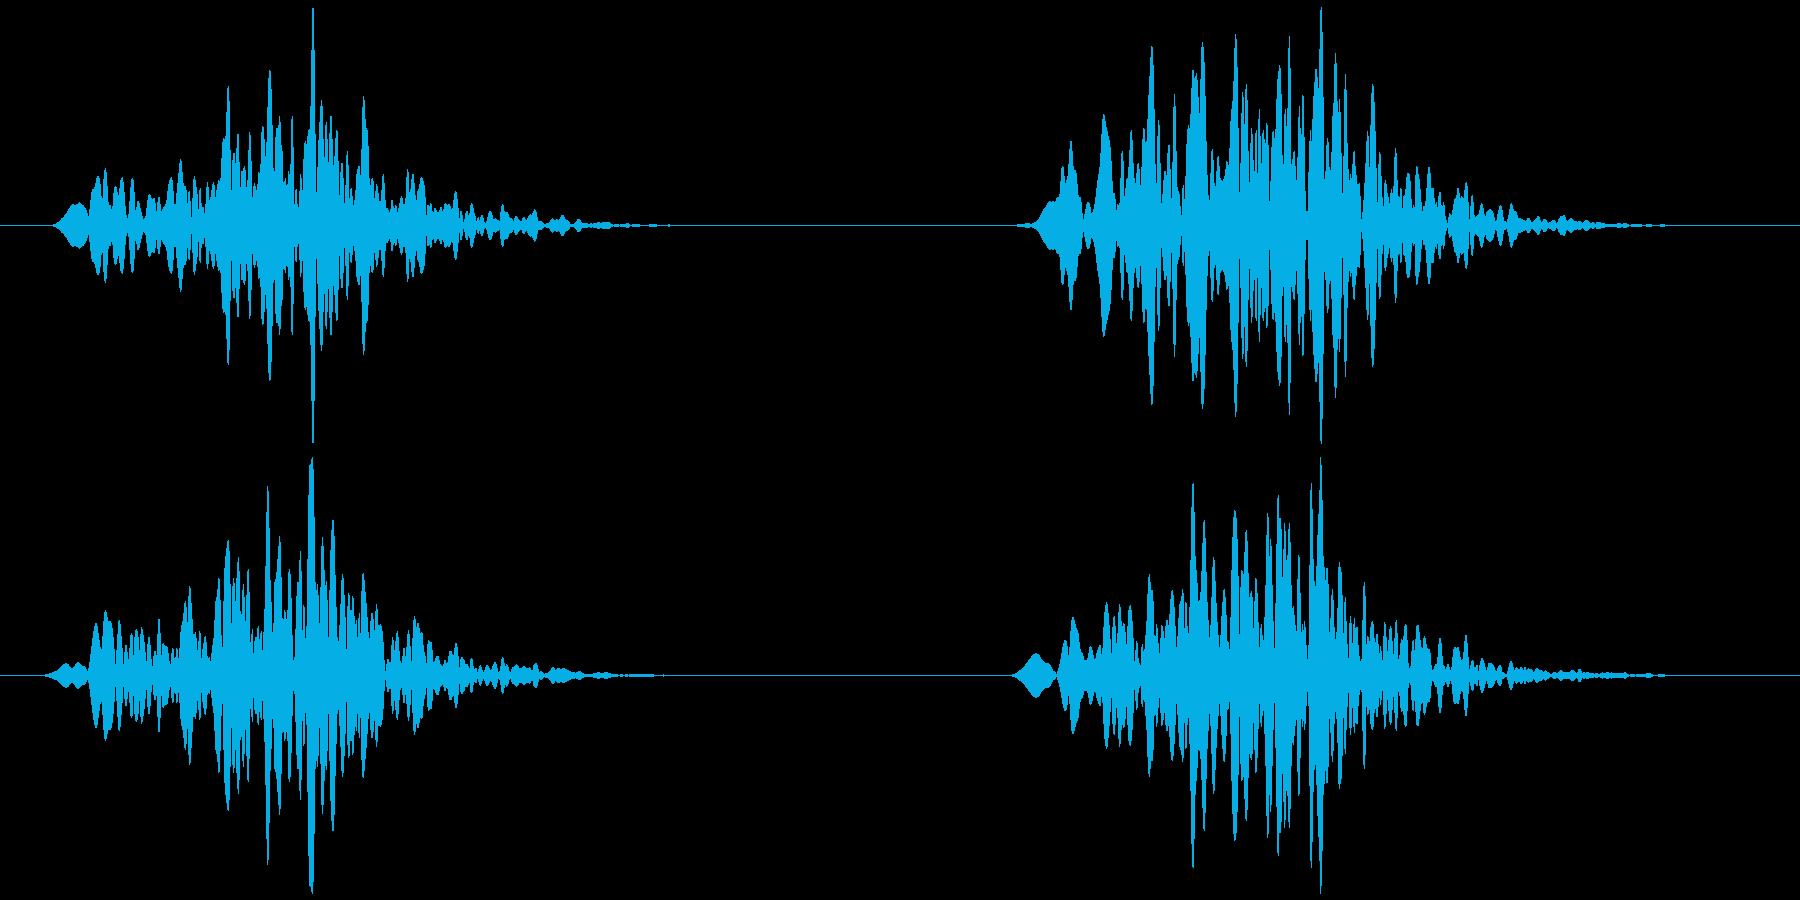 虫の鳴き声 架空/想像 ヒョロッヒョロッの再生済みの波形